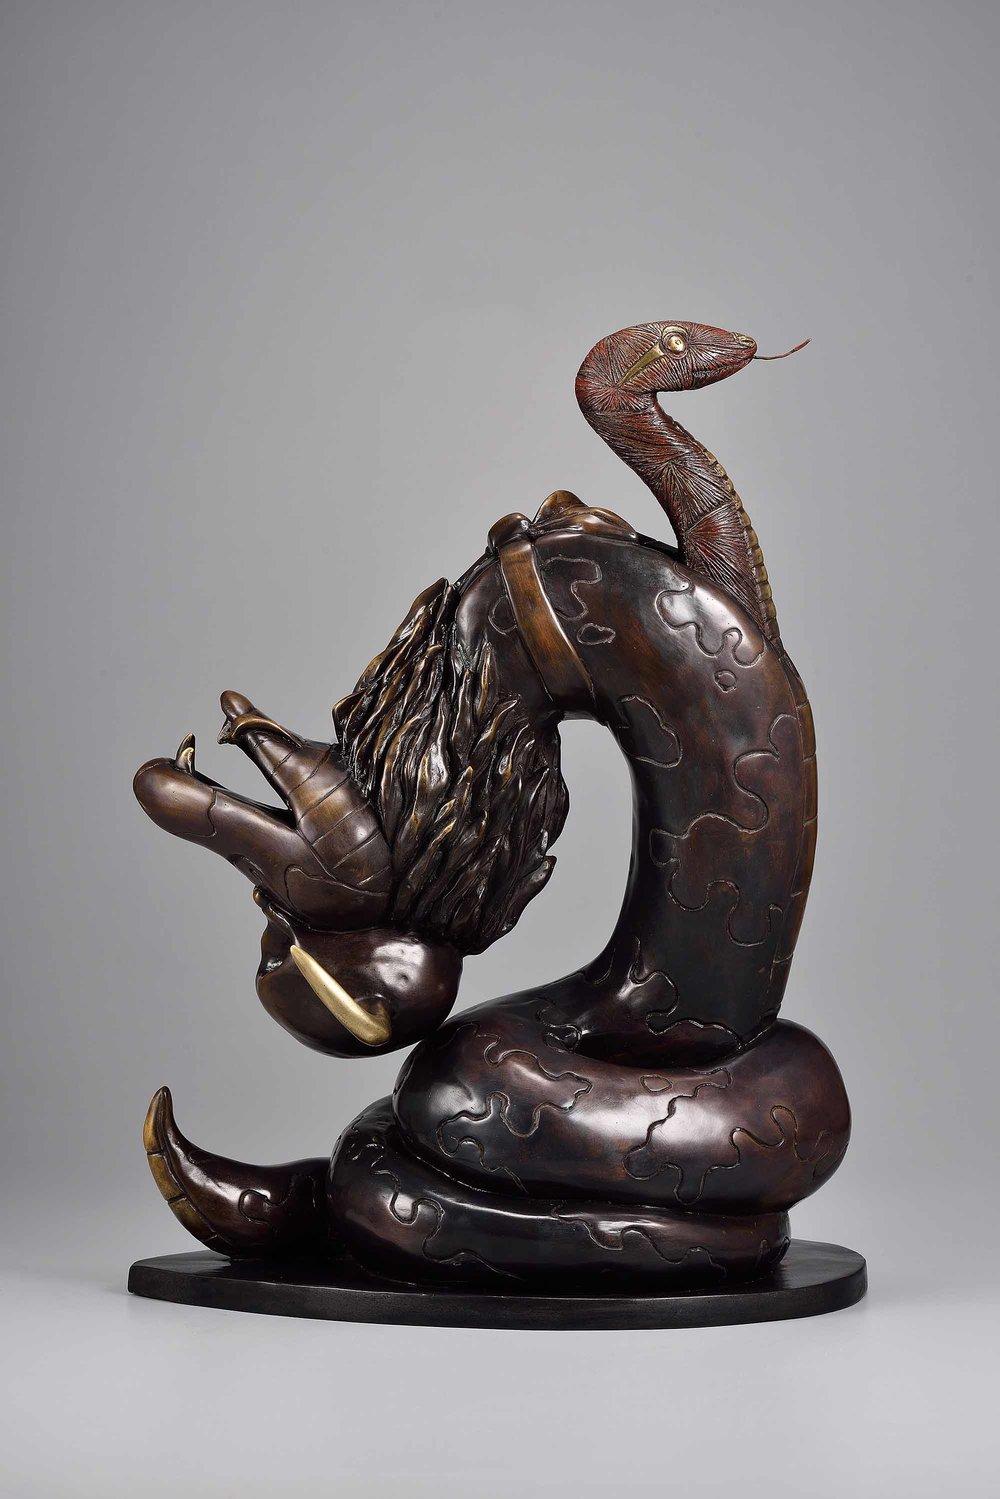 劉哲榮 LIU Je-Rong〈Cosplay-Snake〉(正面 Front)